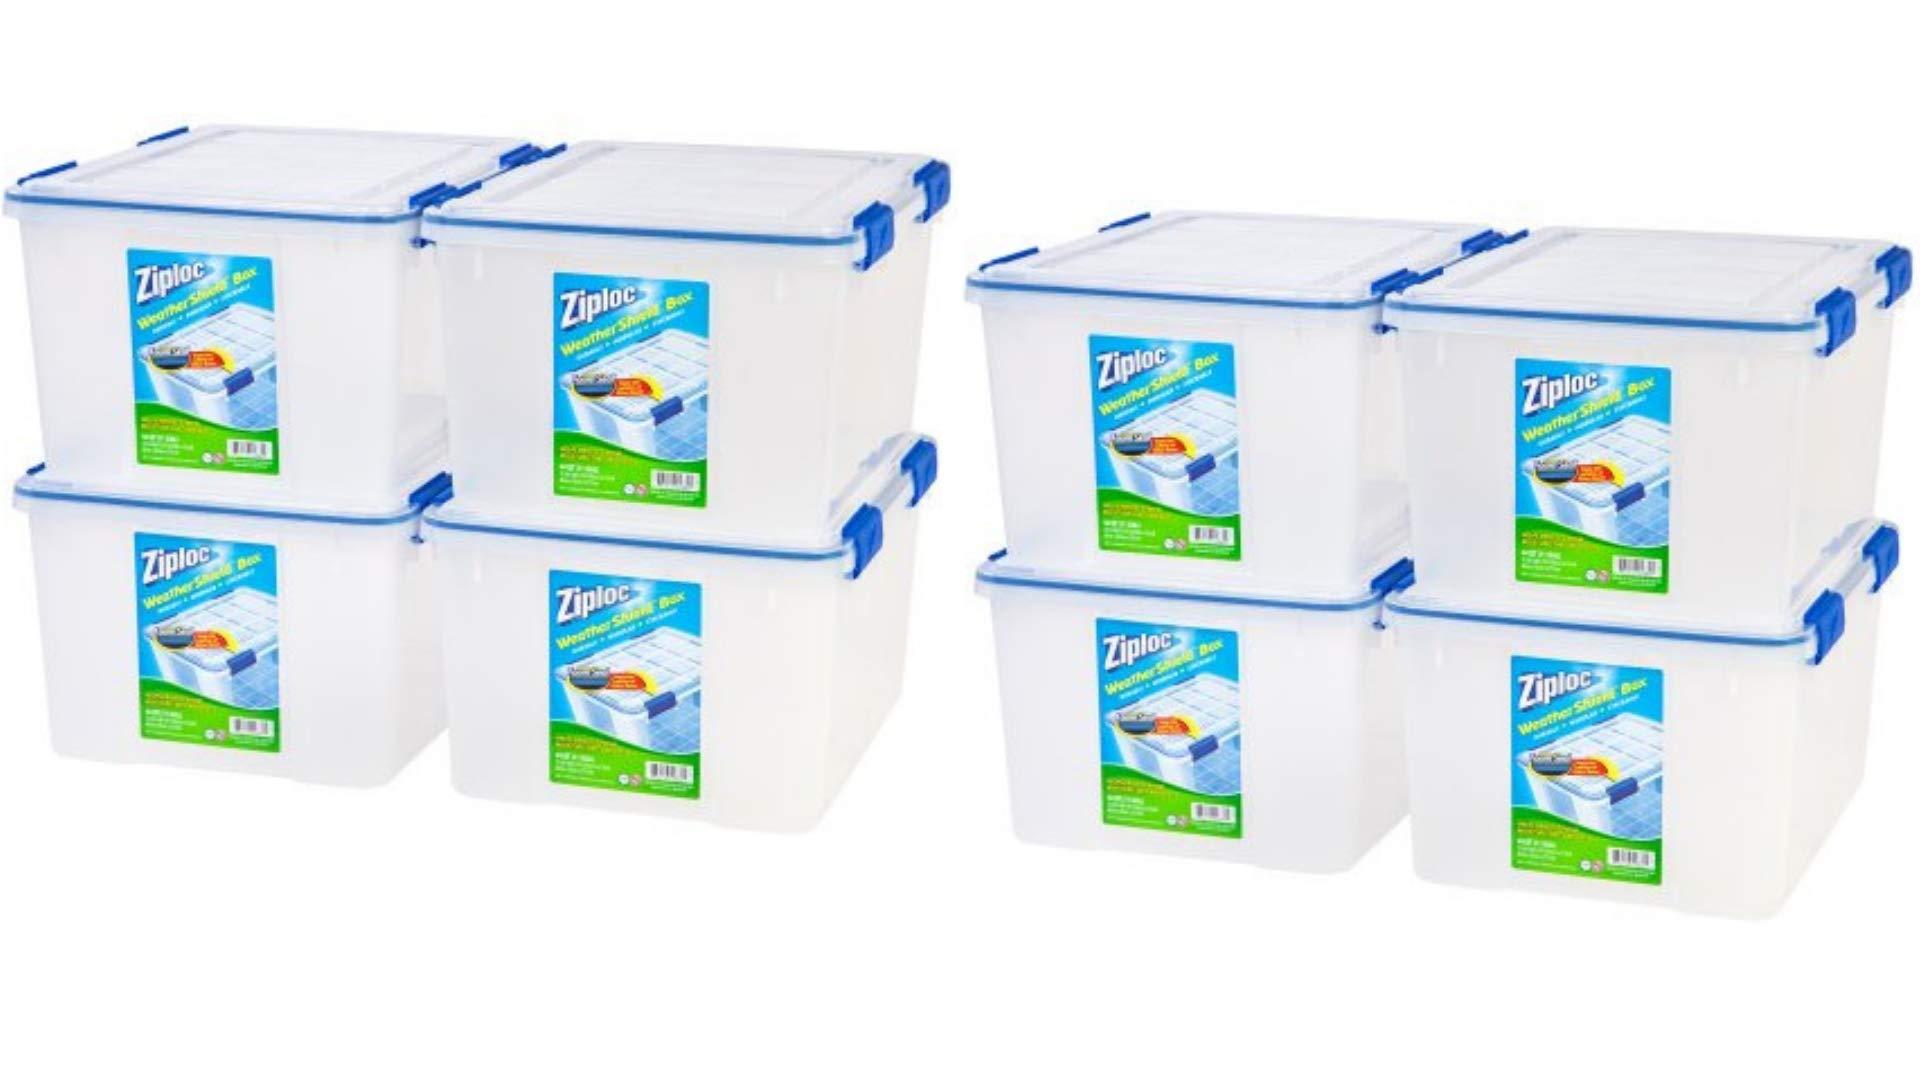 Ziploc 44 Qt./11 Gal. WeatherShield Storage Box, Clear/Pack of 8